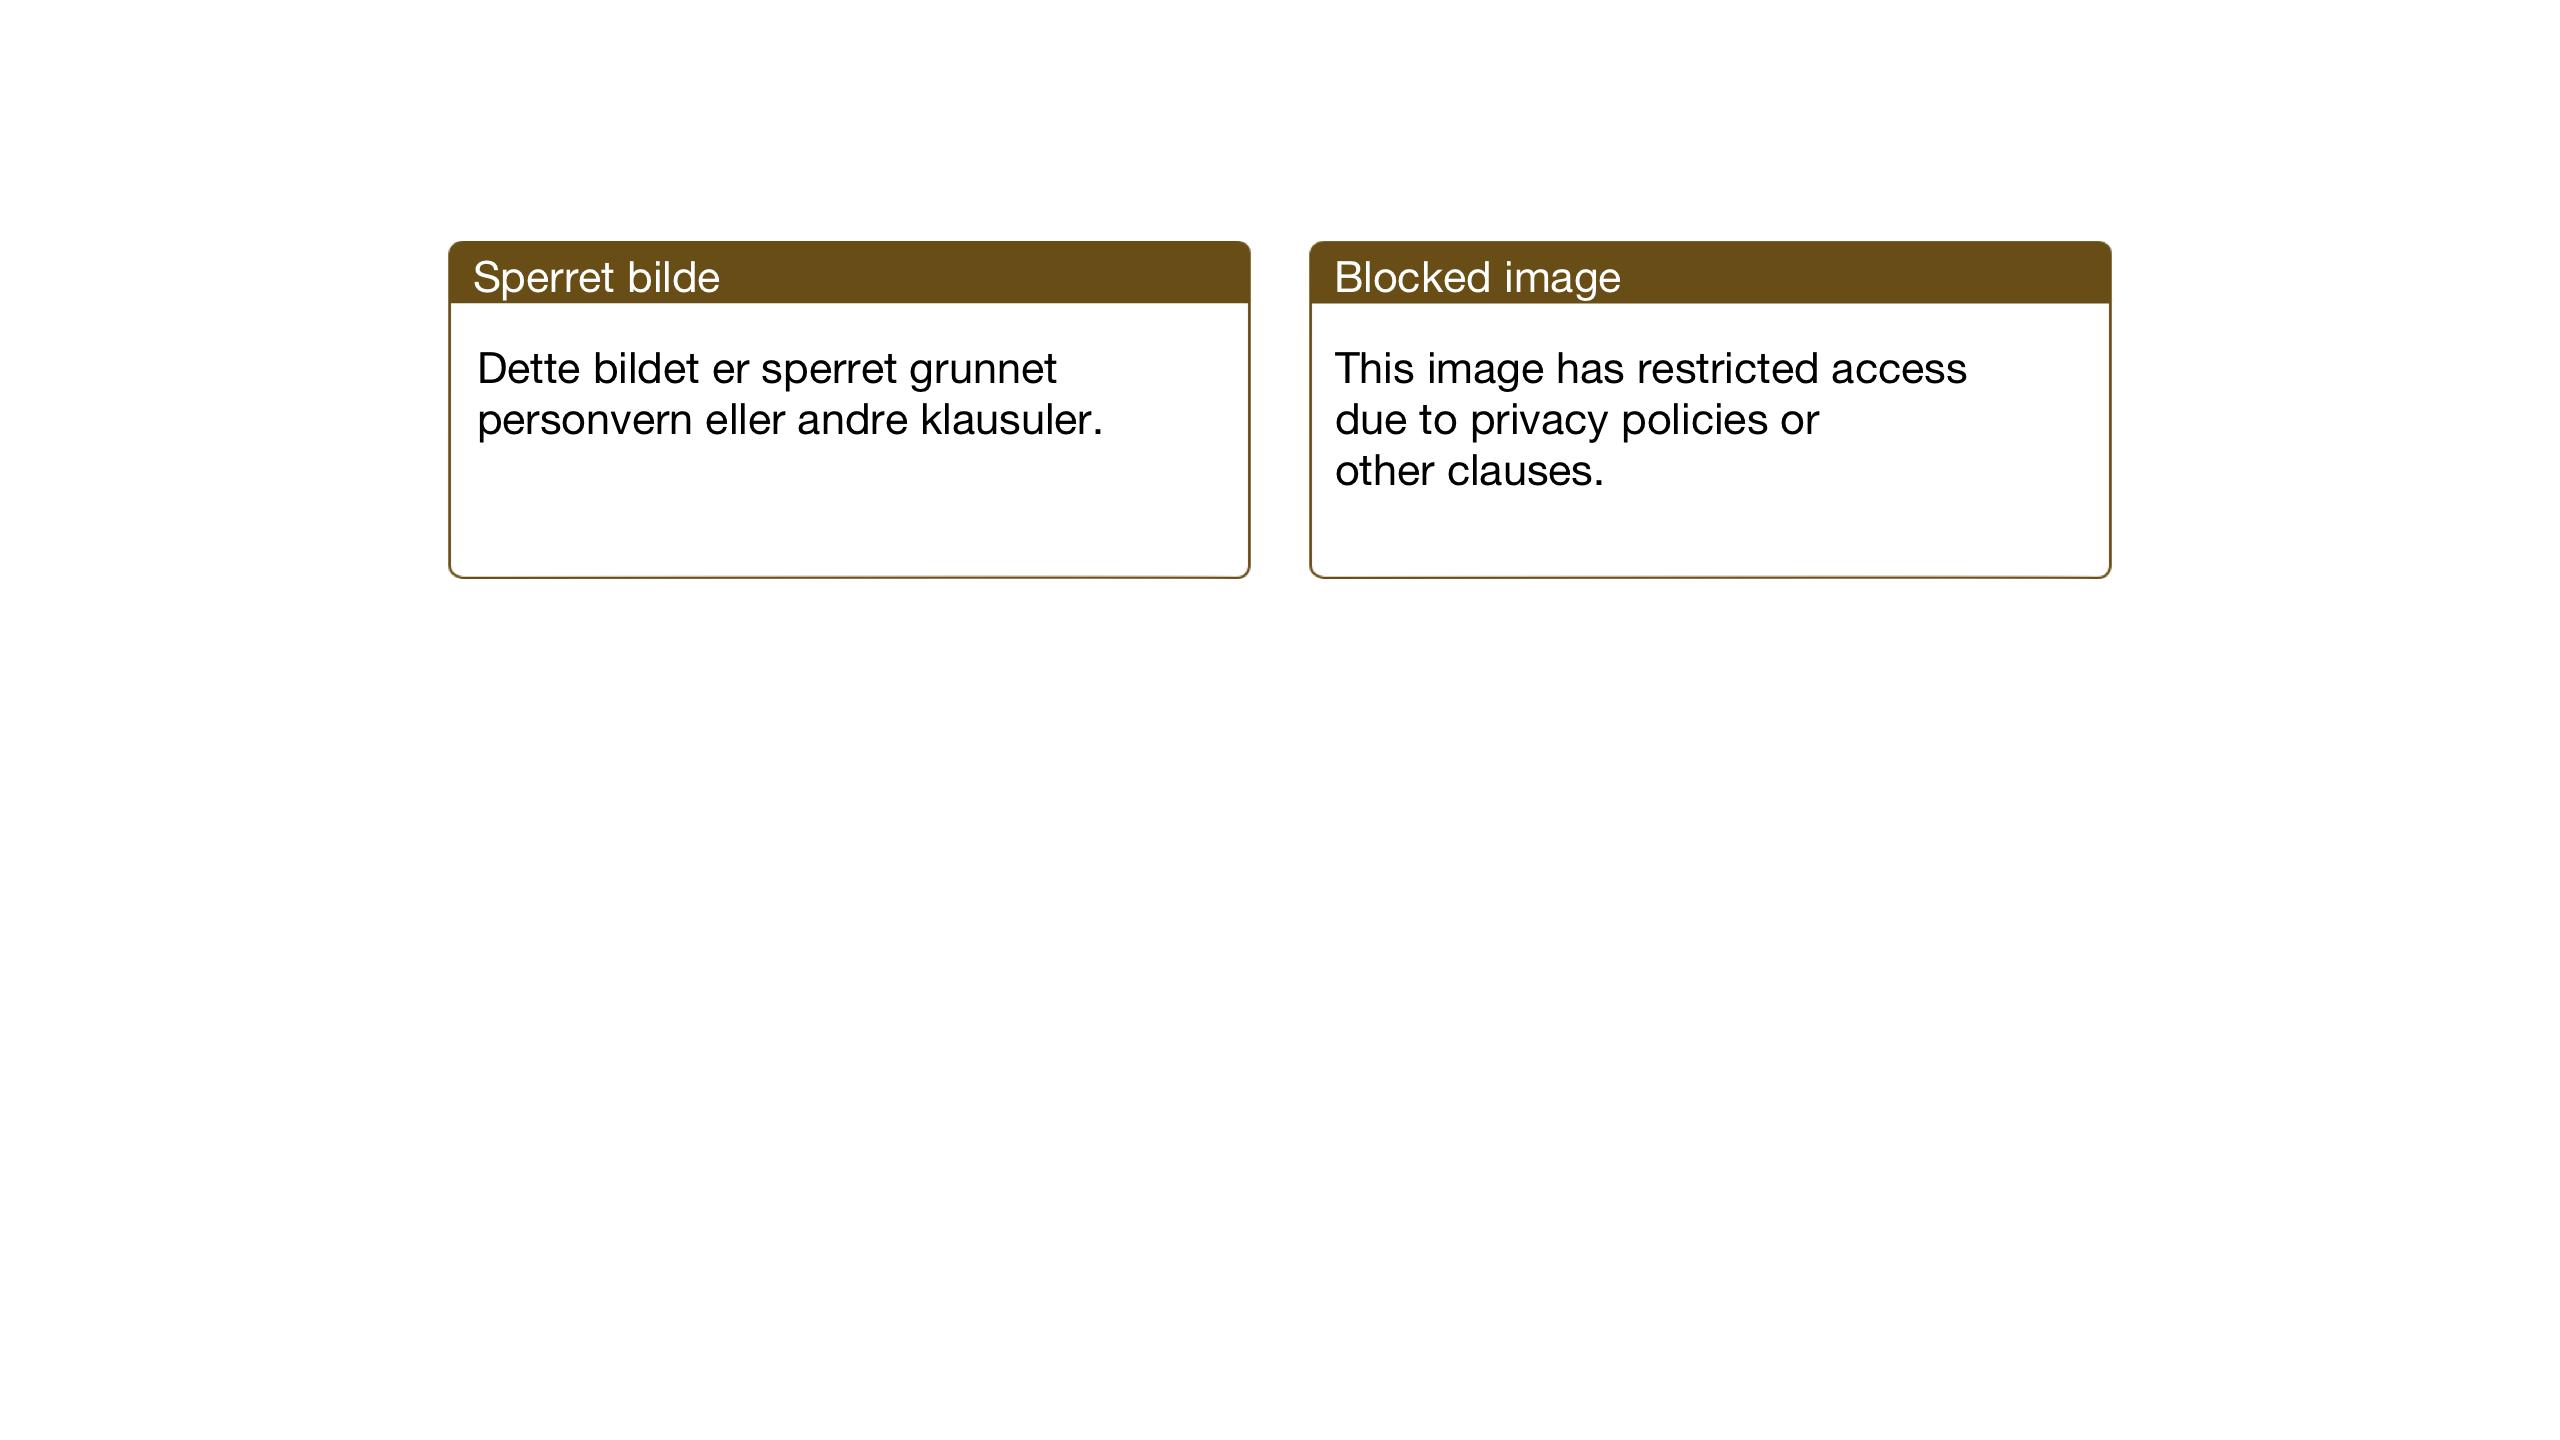 SAT, Ministerialprotokoller, klokkerbøker og fødselsregistre - Nord-Trøndelag, 768/L0583: Klokkerbok nr. 768C01, 1928-1953, s. 193